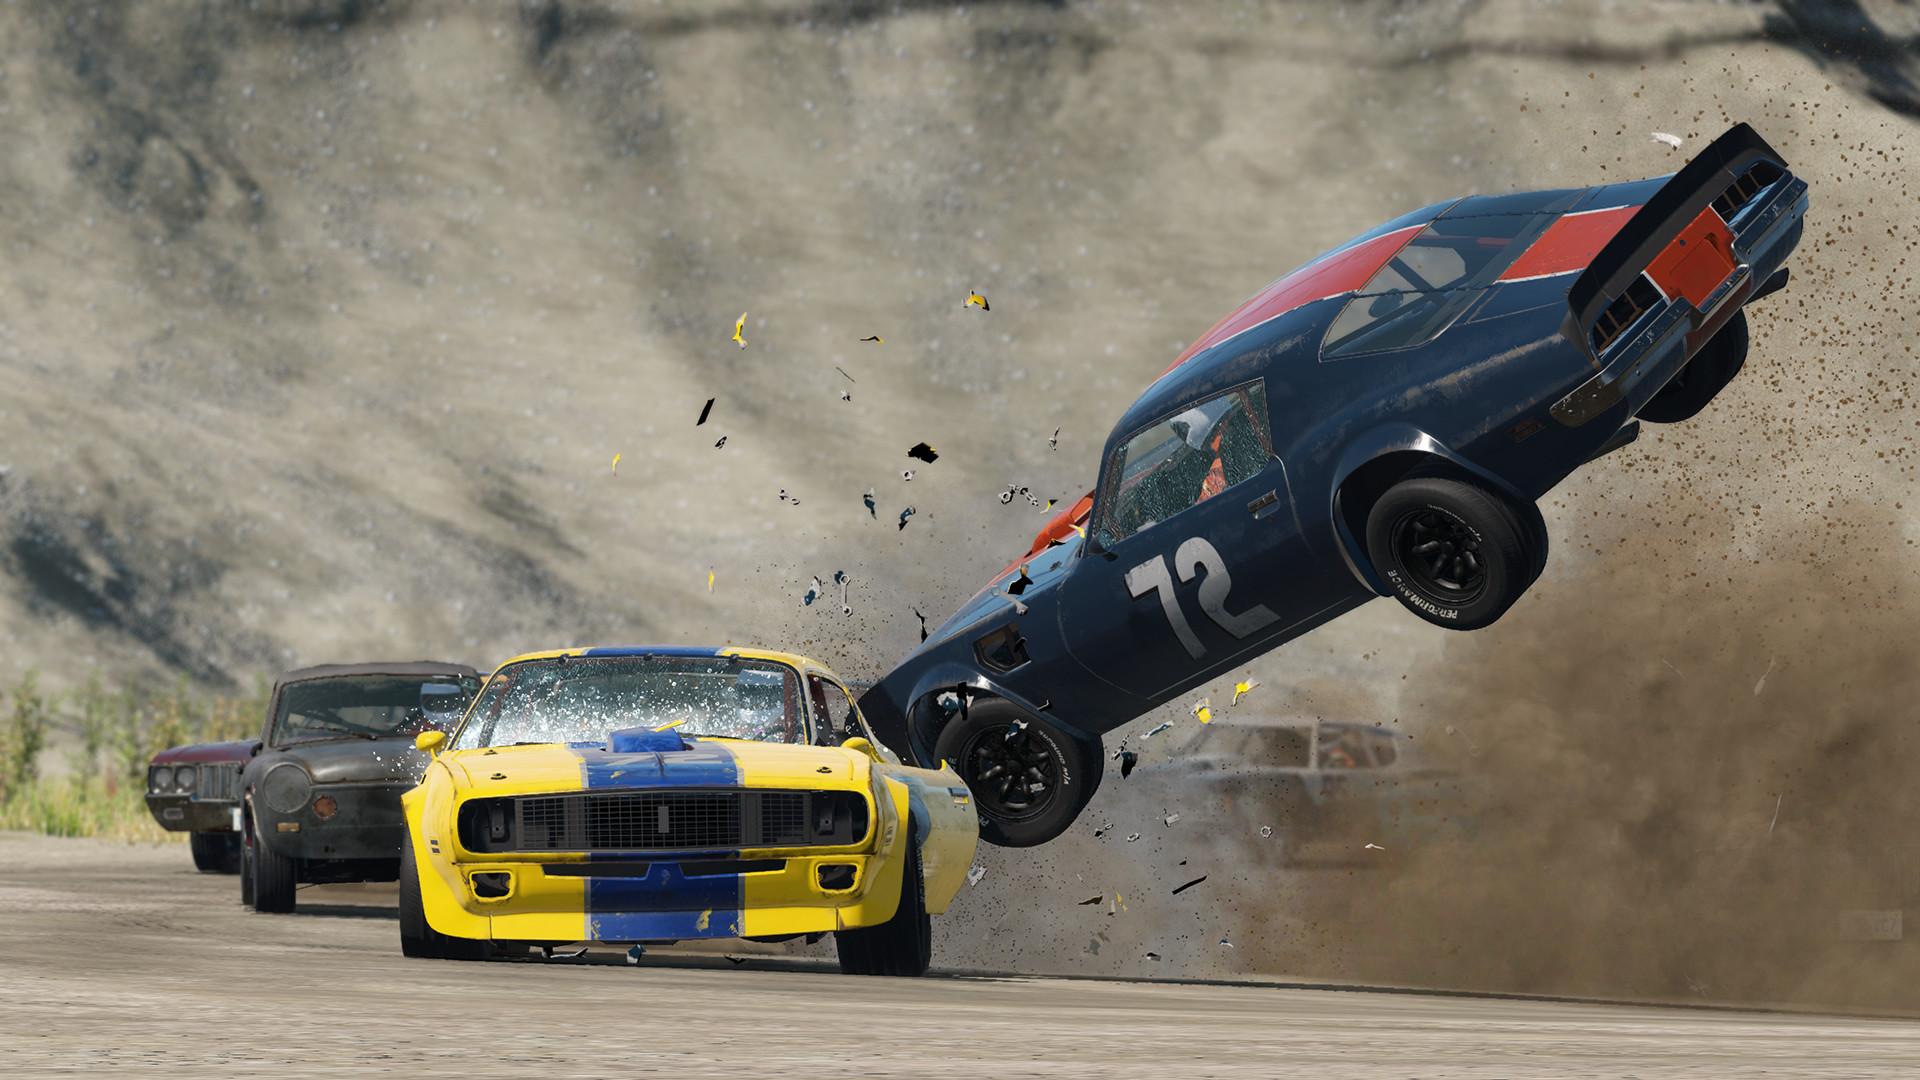 Next Car Game Wreckfest & Screenshots